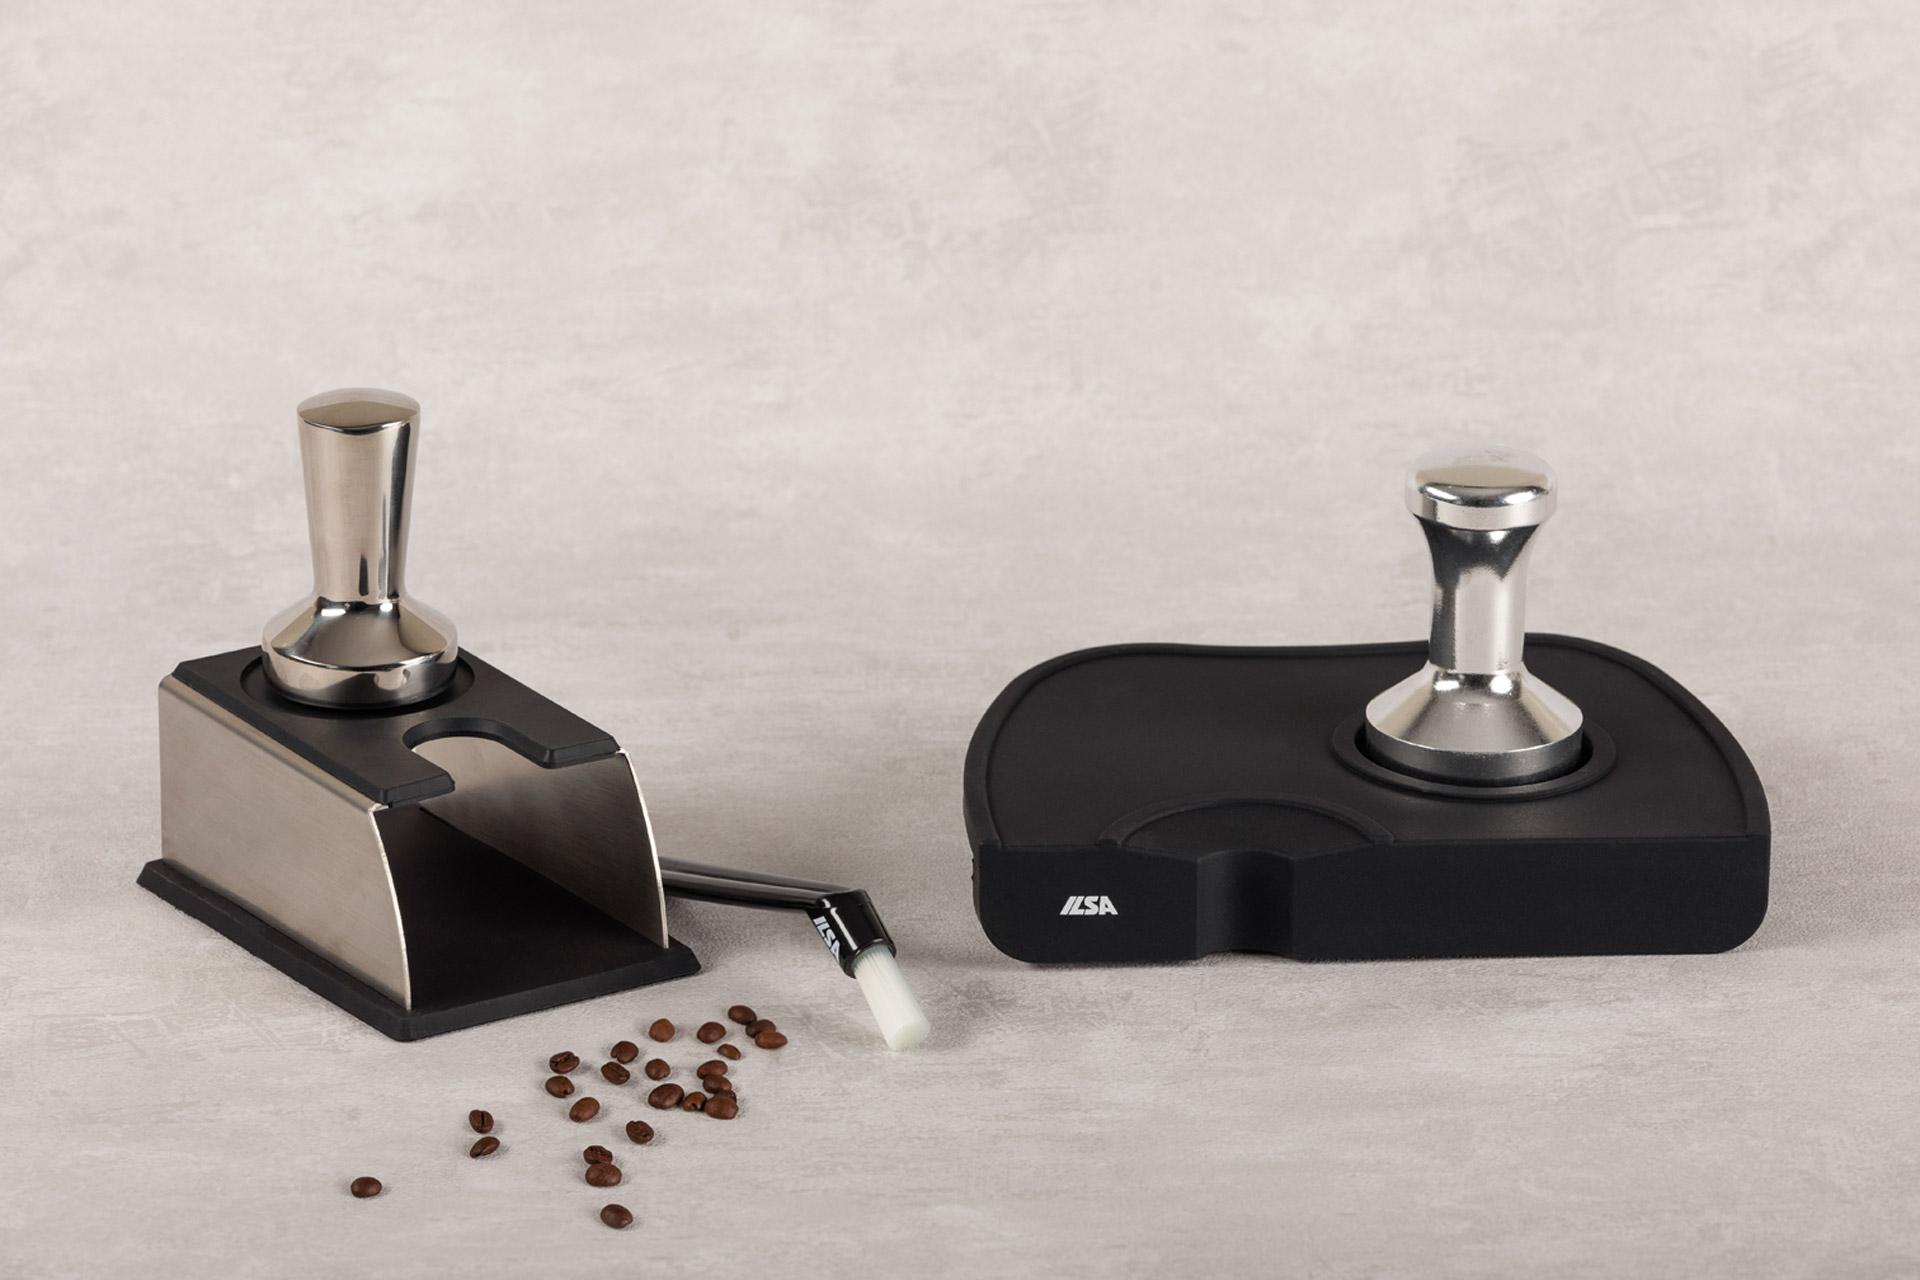 ATTREZZATURE MACCHINA DA CAFFÈ